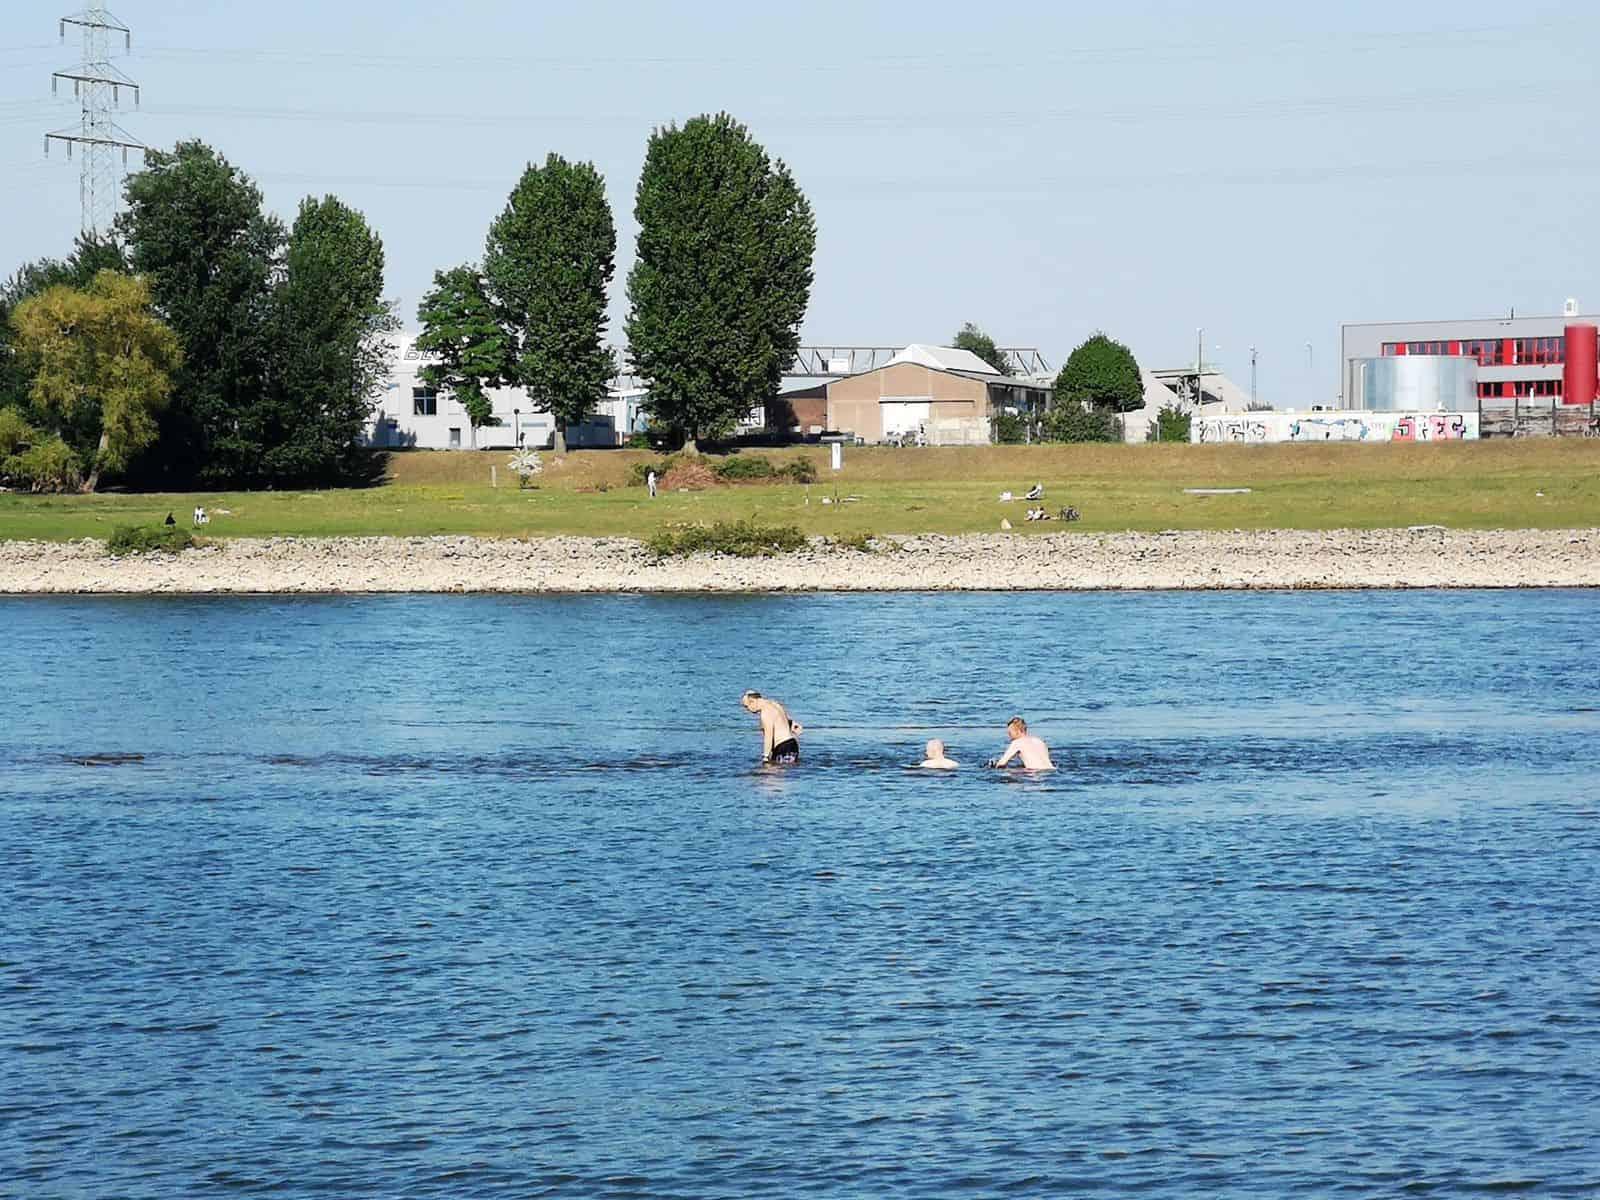 2020: Schwimmer im Rhein bei Neuss bringen sich in Lebensgefahr (Foto: TD)